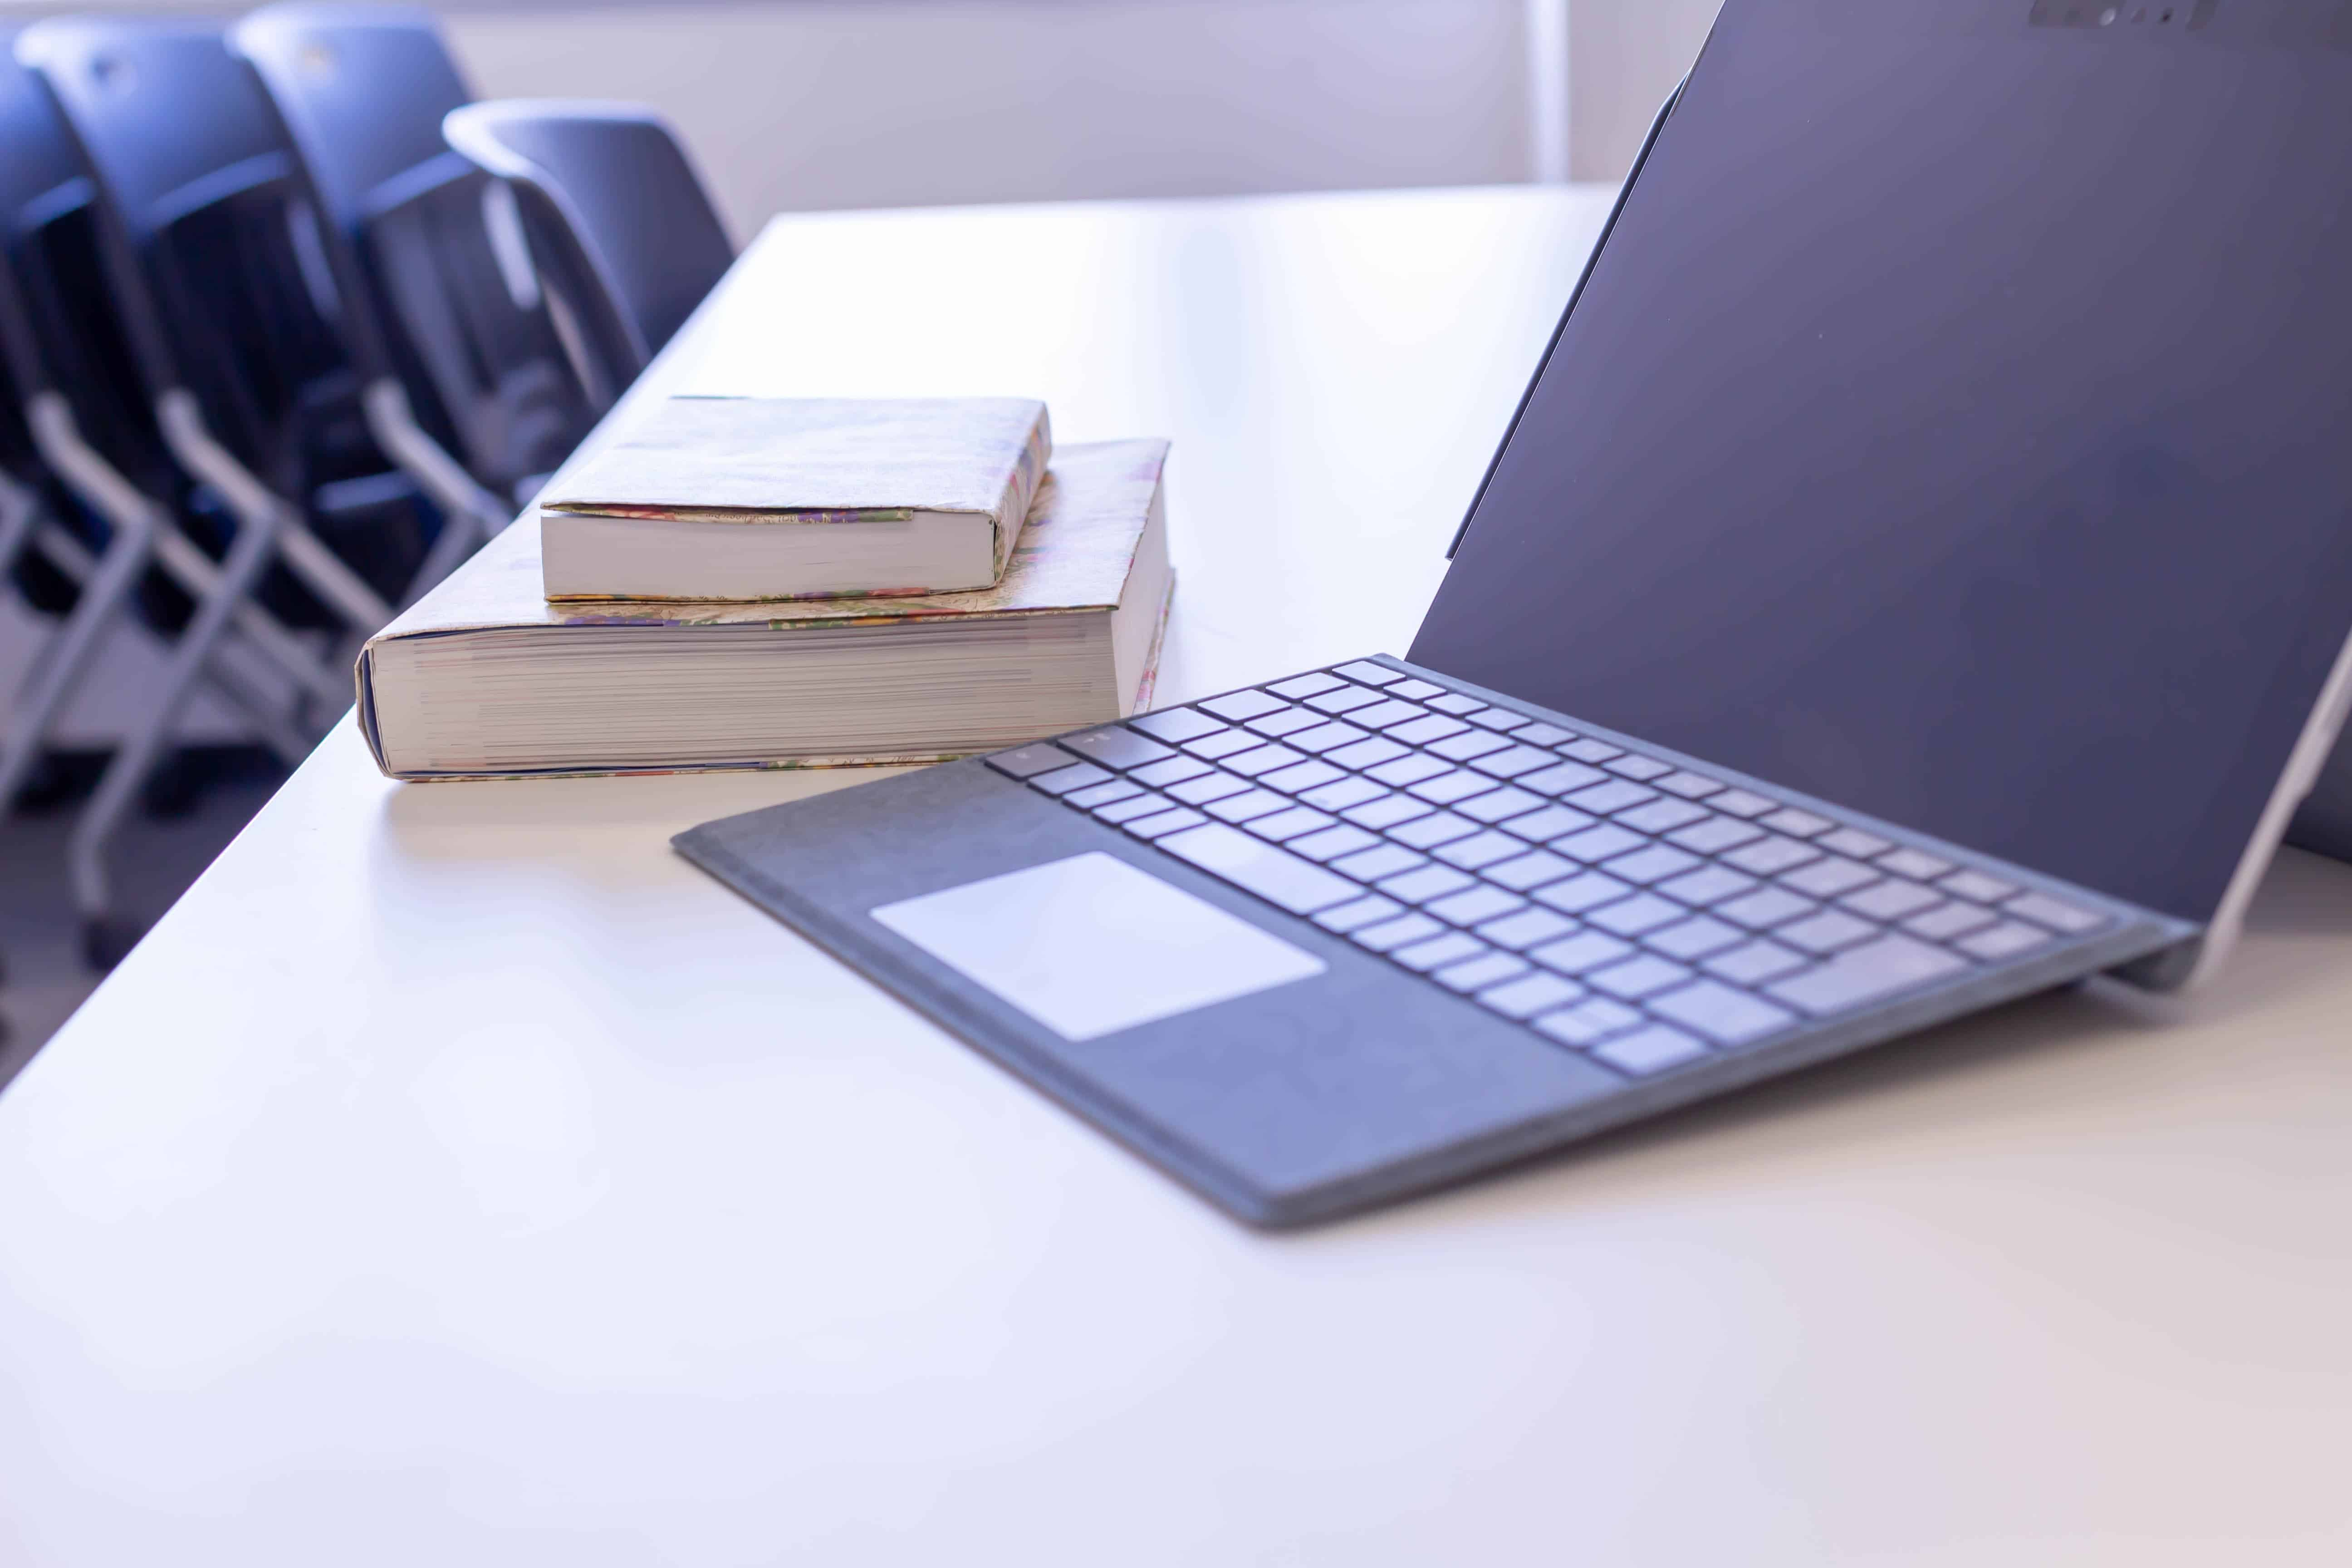 スキル パソコン